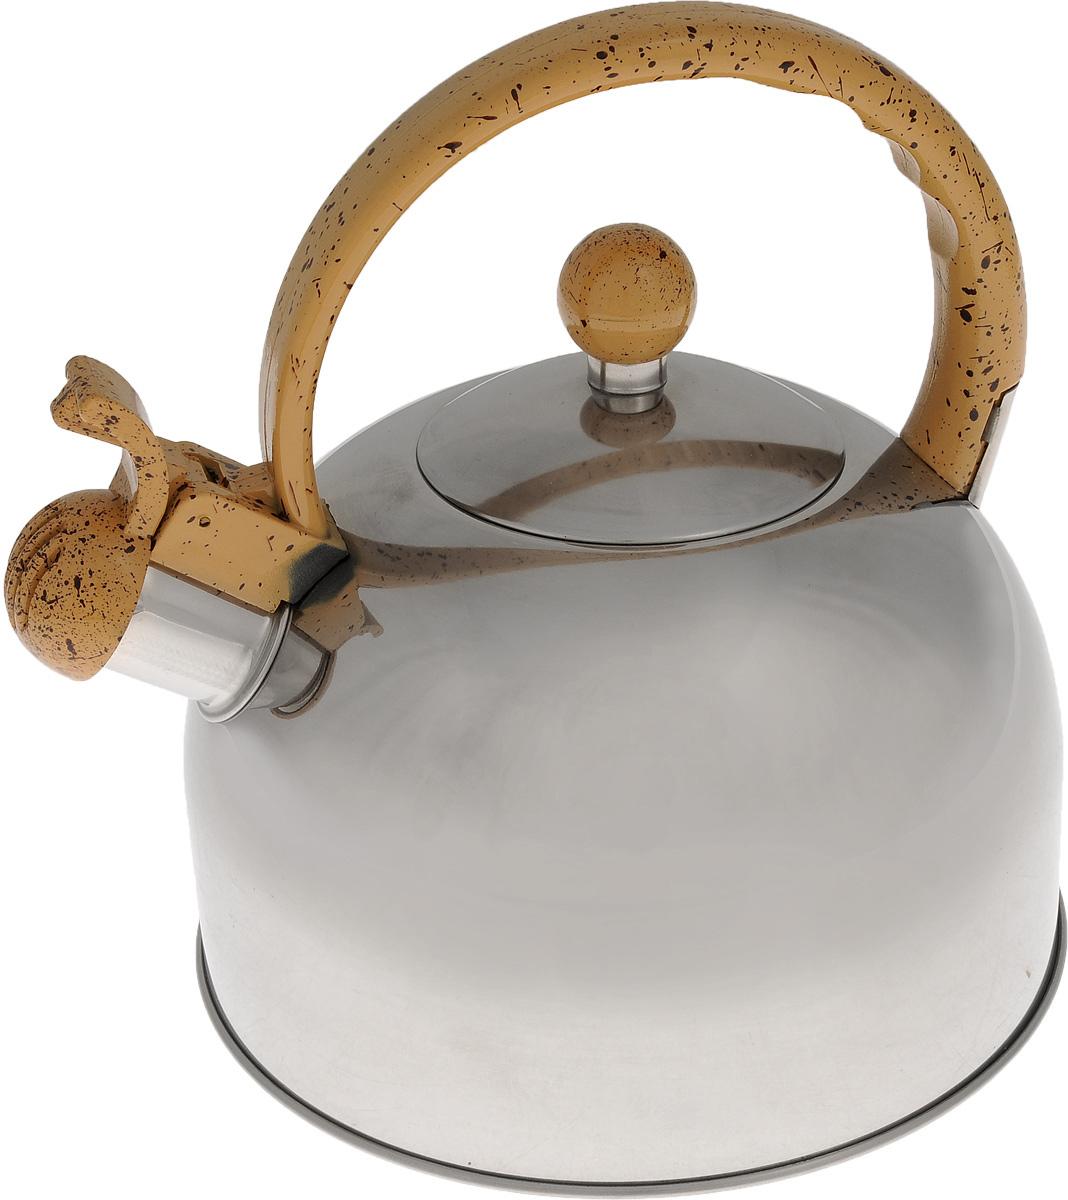 Чайник Bekker Koch со свистком, цвет: бежевый, 2,5 л. BK-S307BK-S307_бежевыйЧайник Bekker Koch выполнен из высококачественной нержавеющей стали, что обеспечивает долговечность использования. Внешнее зеркальное покрытие придает приятный внешний вид. Пластиковая фиксированная ручка, выполненная под мрамор, делает использование чайника очень удобным и безопасным. Чайник снабжен свистком и устройством для открывания носика. Изделие оснащено капсулированным дном для лучшего распространения тепла. Можно мыть в посудомоечной машине. Пригоден для всех видов плит кроме индукционных. Высота чайника (без учета крышки и ручки): 11,5 см. Диаметр основания: 19 см. Толщина стенки: 3 мм.